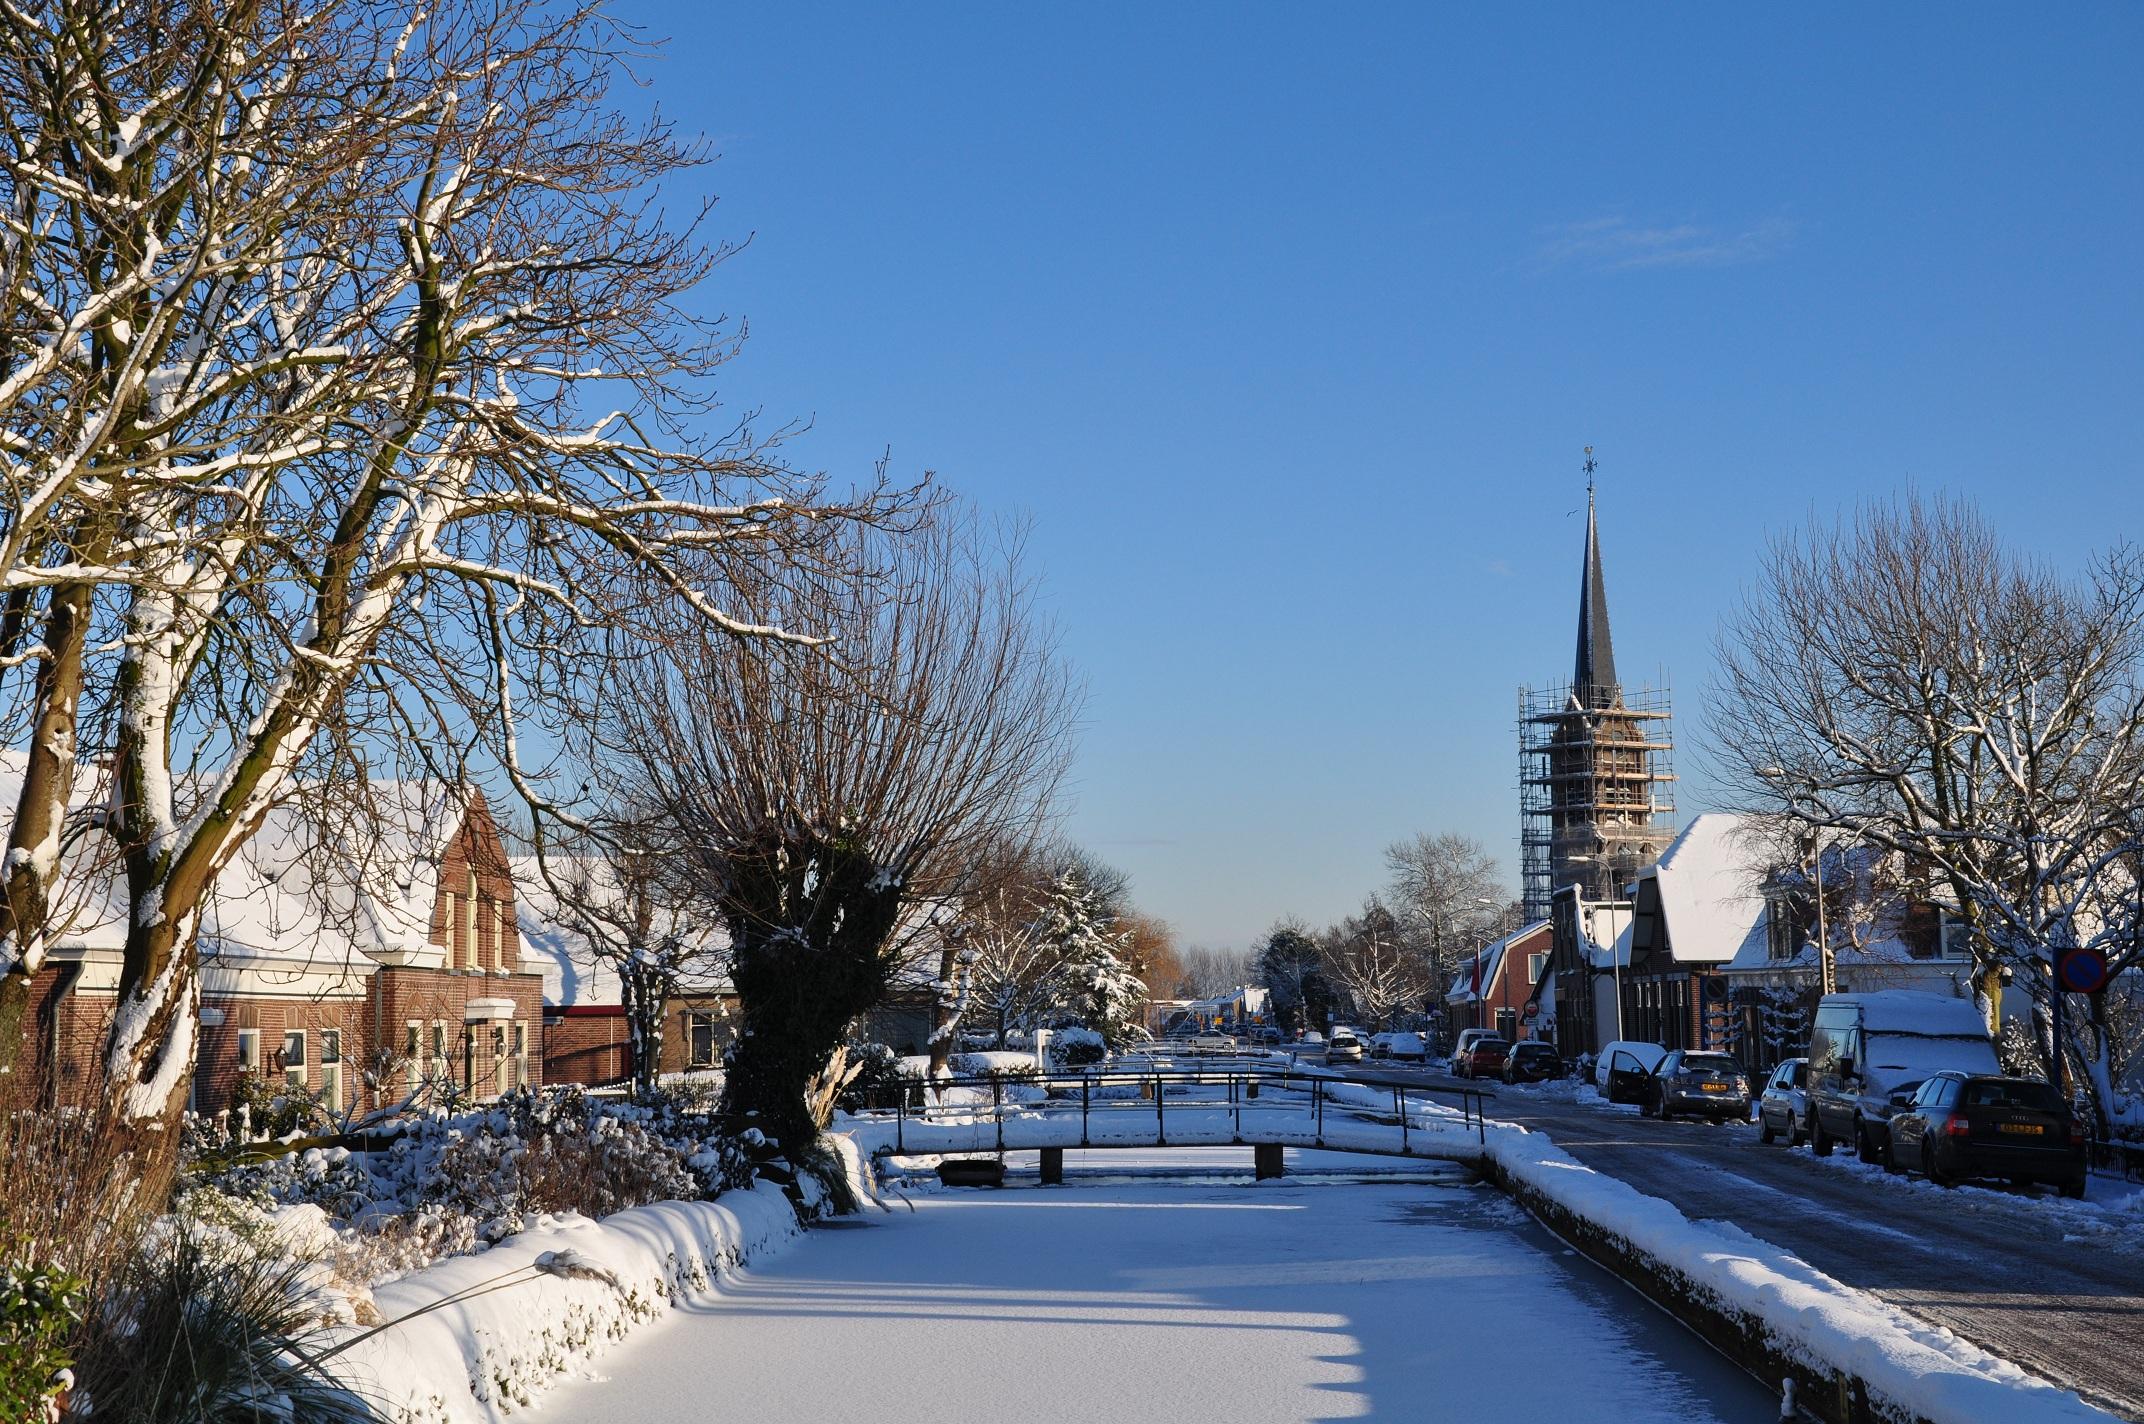 24 Wallpaper Hd File Netherlands Stompwijk Winter 1 Jpg Wikimedia